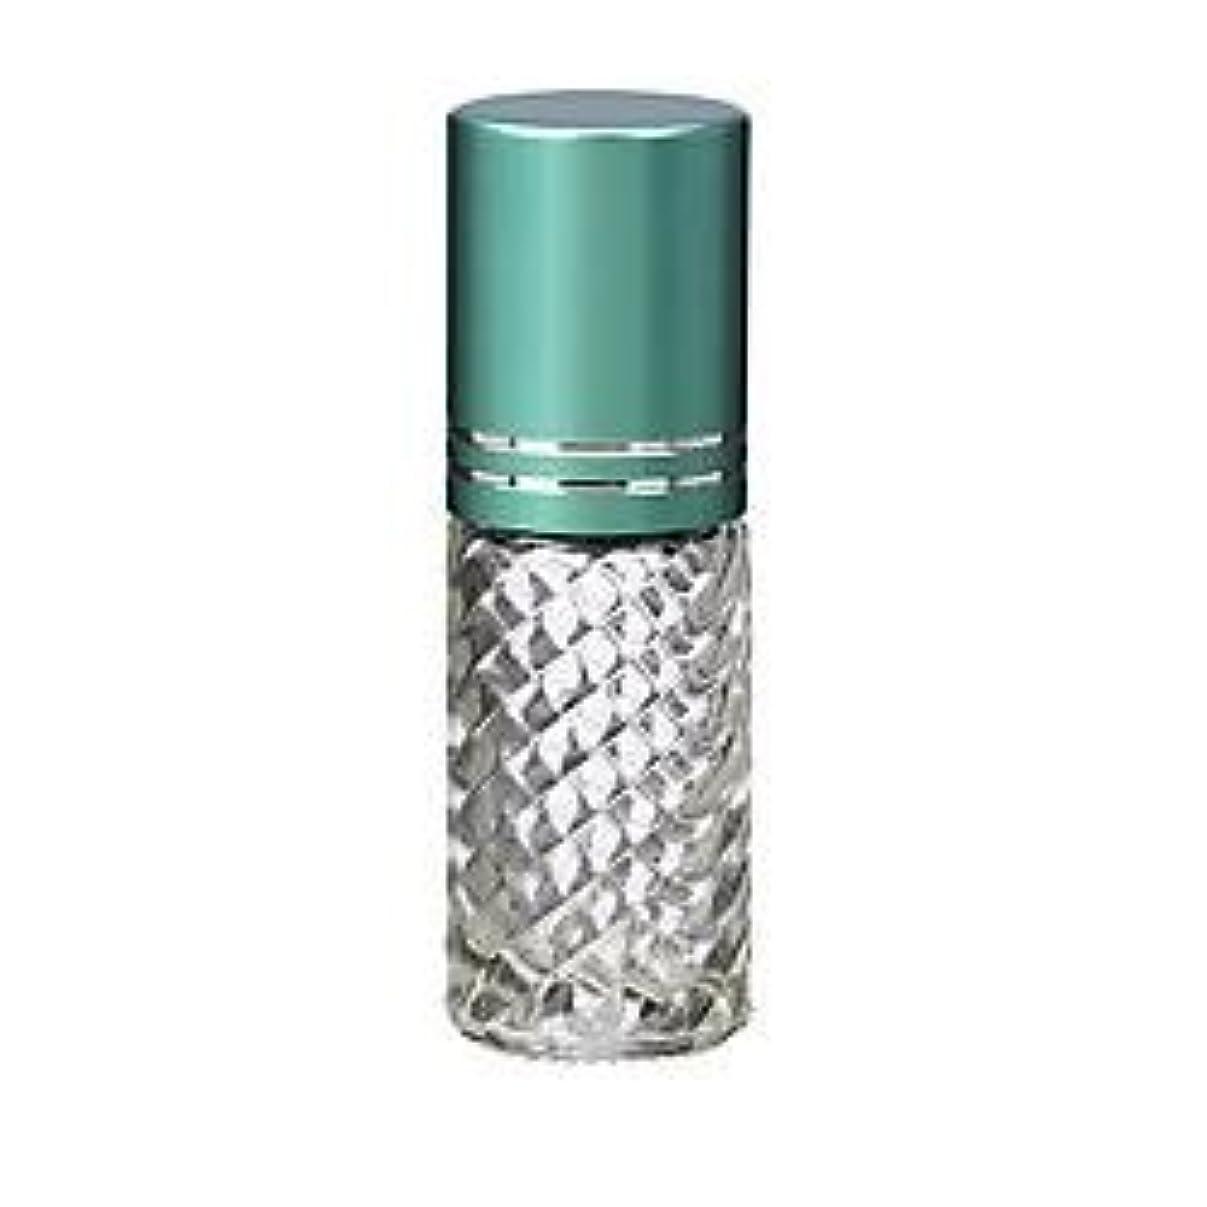 船尾要塞一月4 Bottles Fancy Large 30ml Roll On Empty Glass Bottles for Essential Oils Refillable 1 Oz Glass Roller Ball Roll-On...